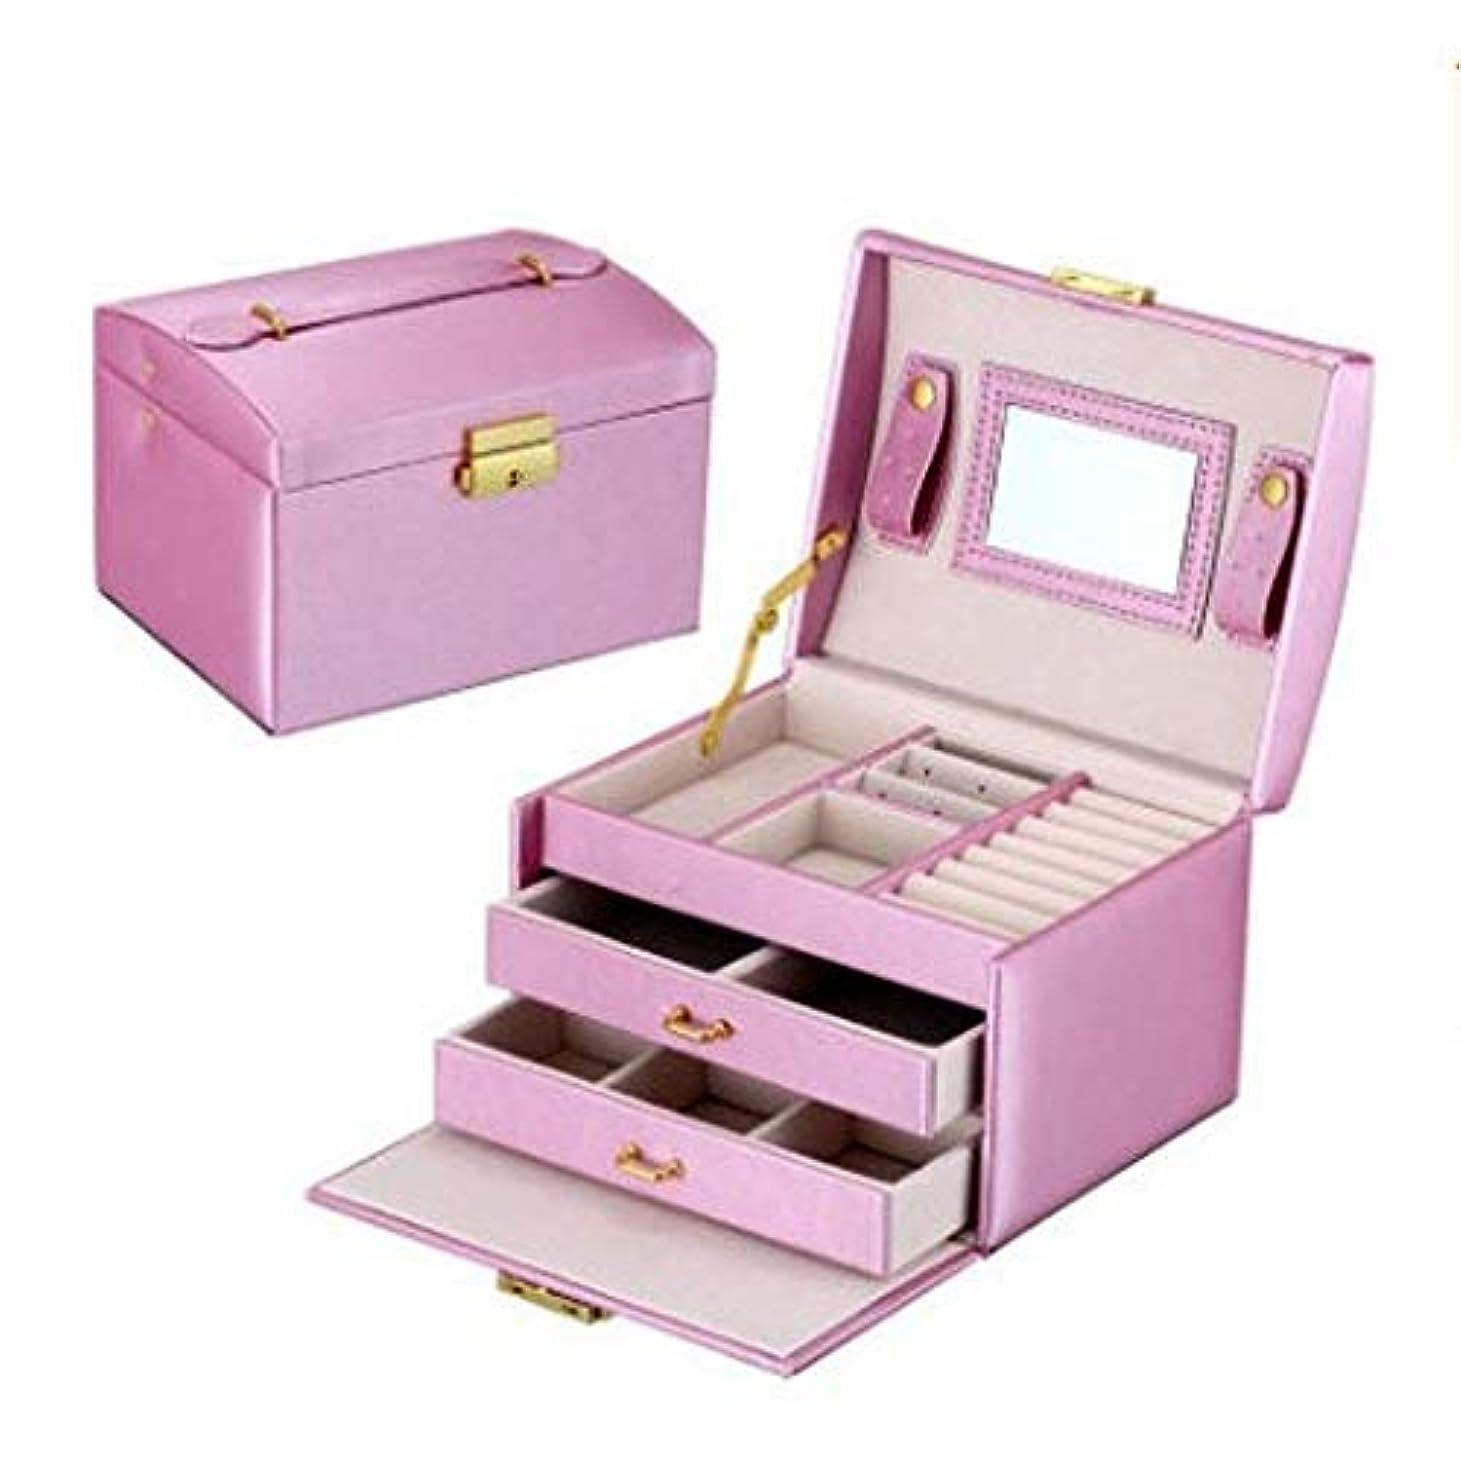 発音する吹きさらしエミュレートする特大スペース収納ビューティーボックス 大型人工皮革トラベルジュエリーボックス収納ボックスディスプレイリングイヤリングネックレス(5色オプション) 化粧品化粧台 (色 : Purple pink)